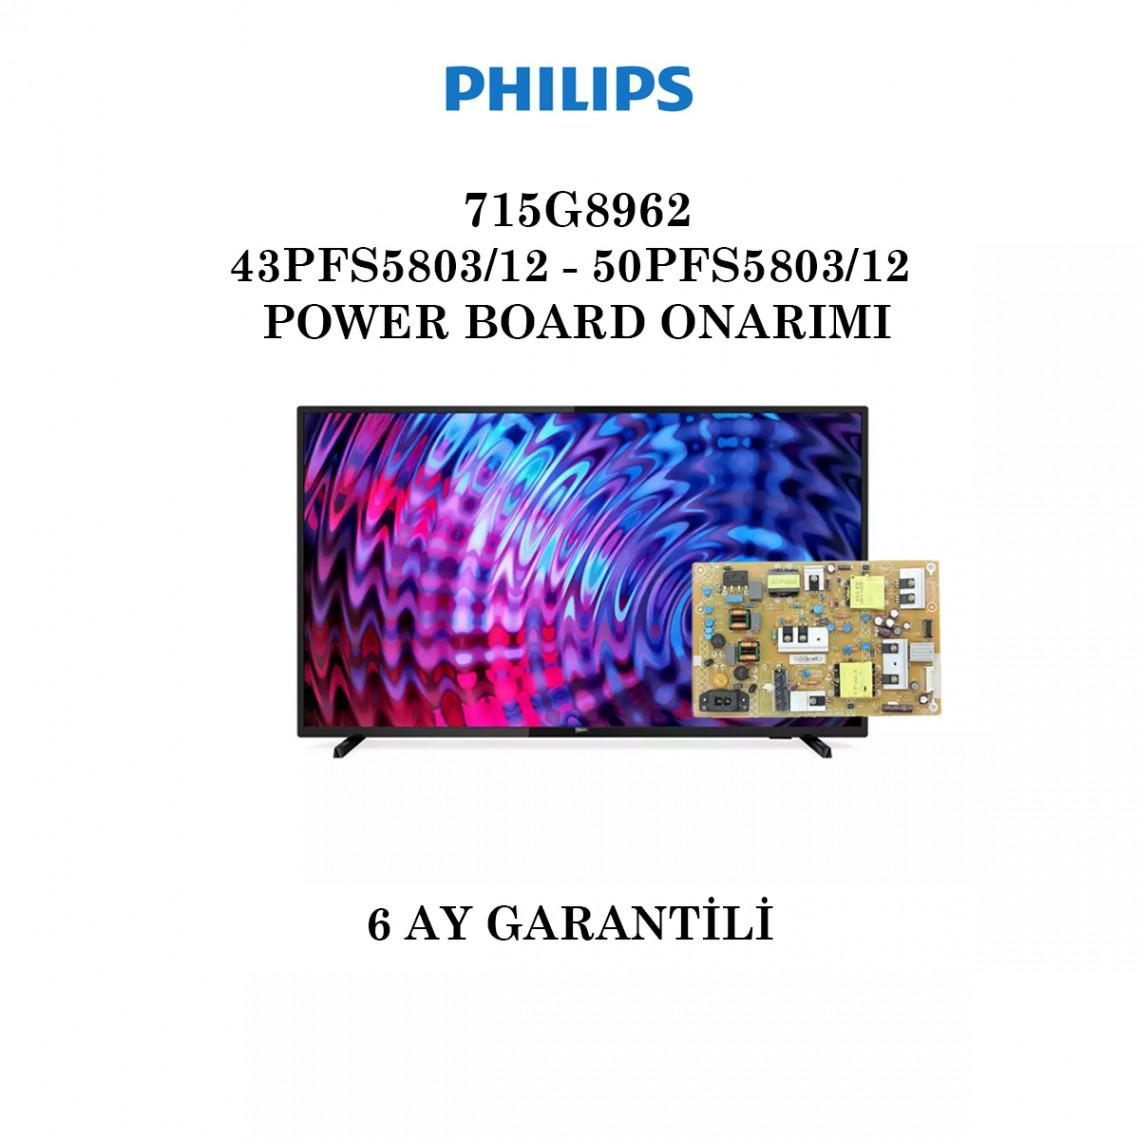 PHILIPS, 715G8962-P02-000-001S, 43PFS5803/12, 50PFS5803/12, Power Board Onarımı